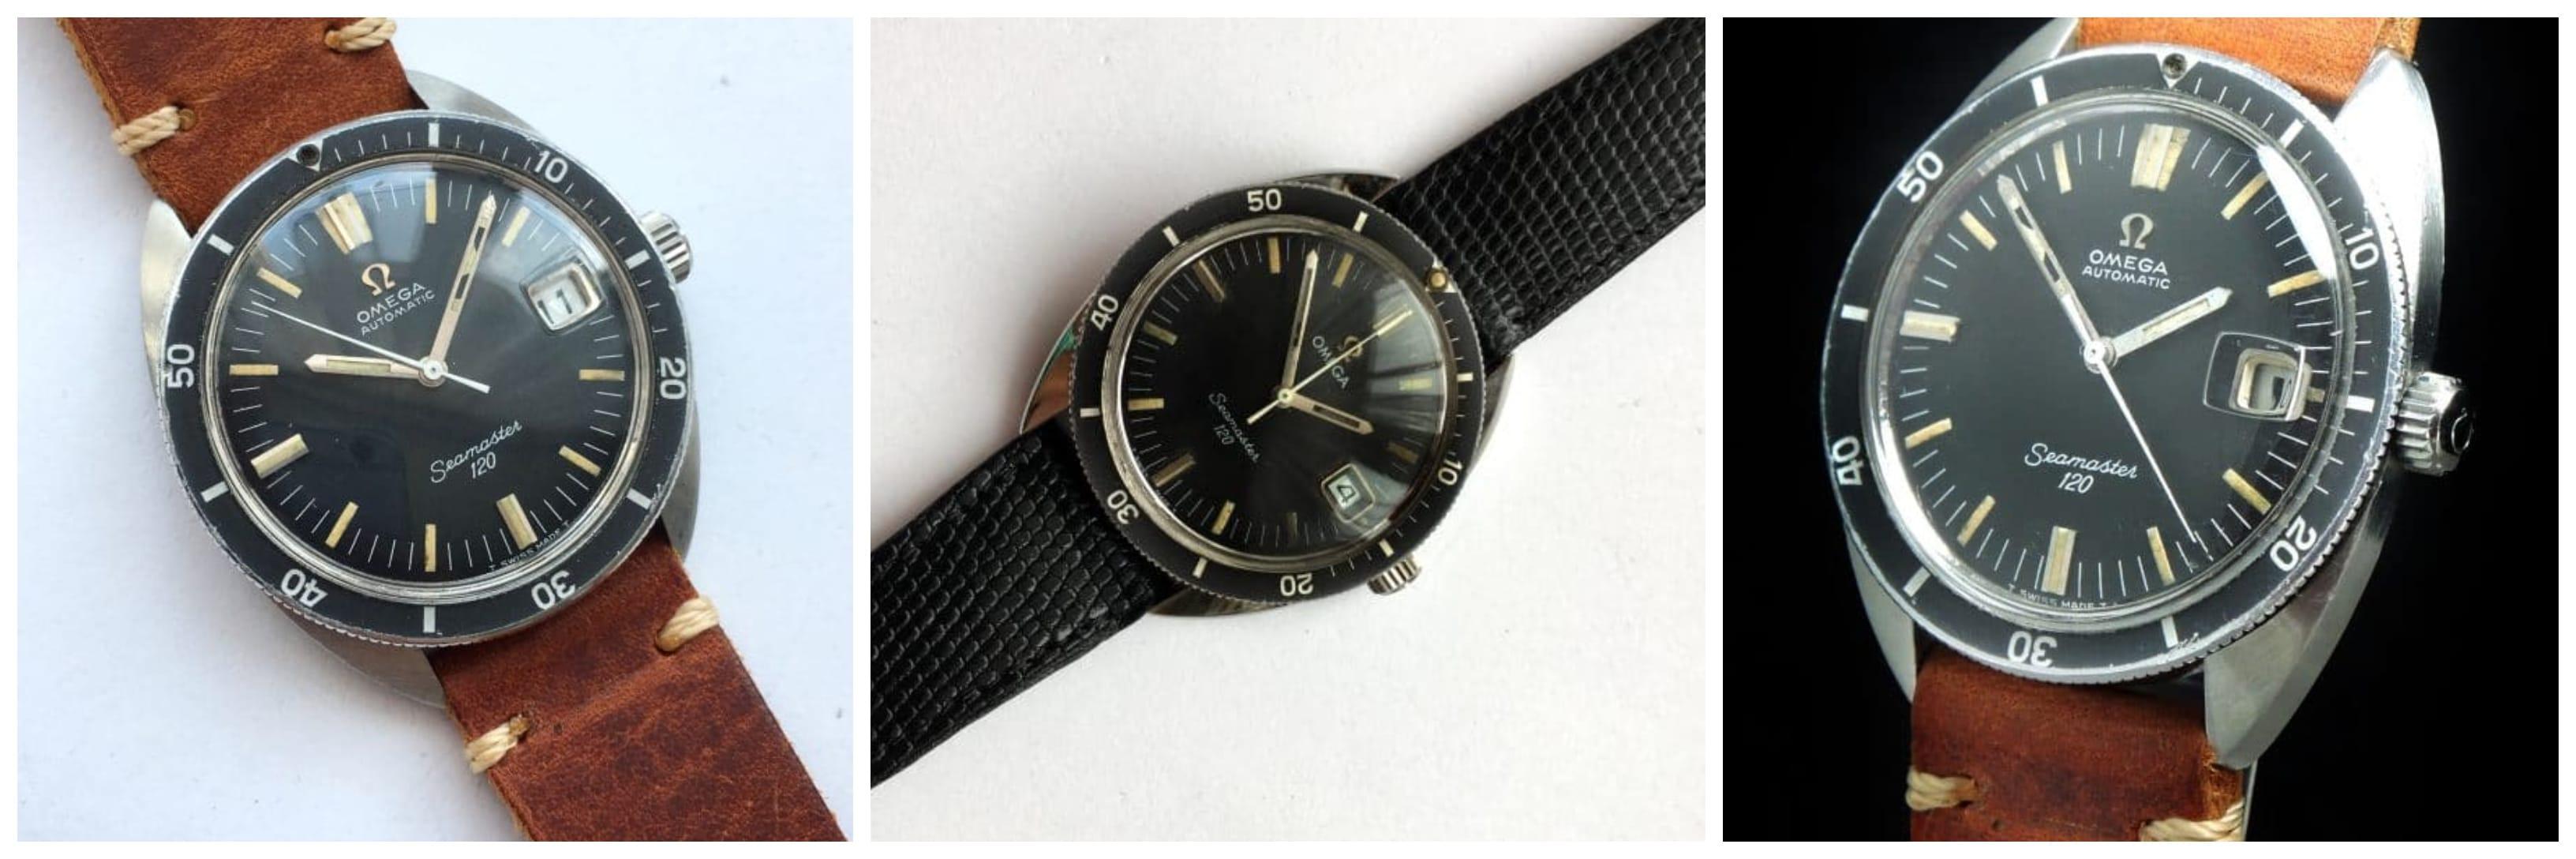 Vintage Legends: Omega Seamaster 120